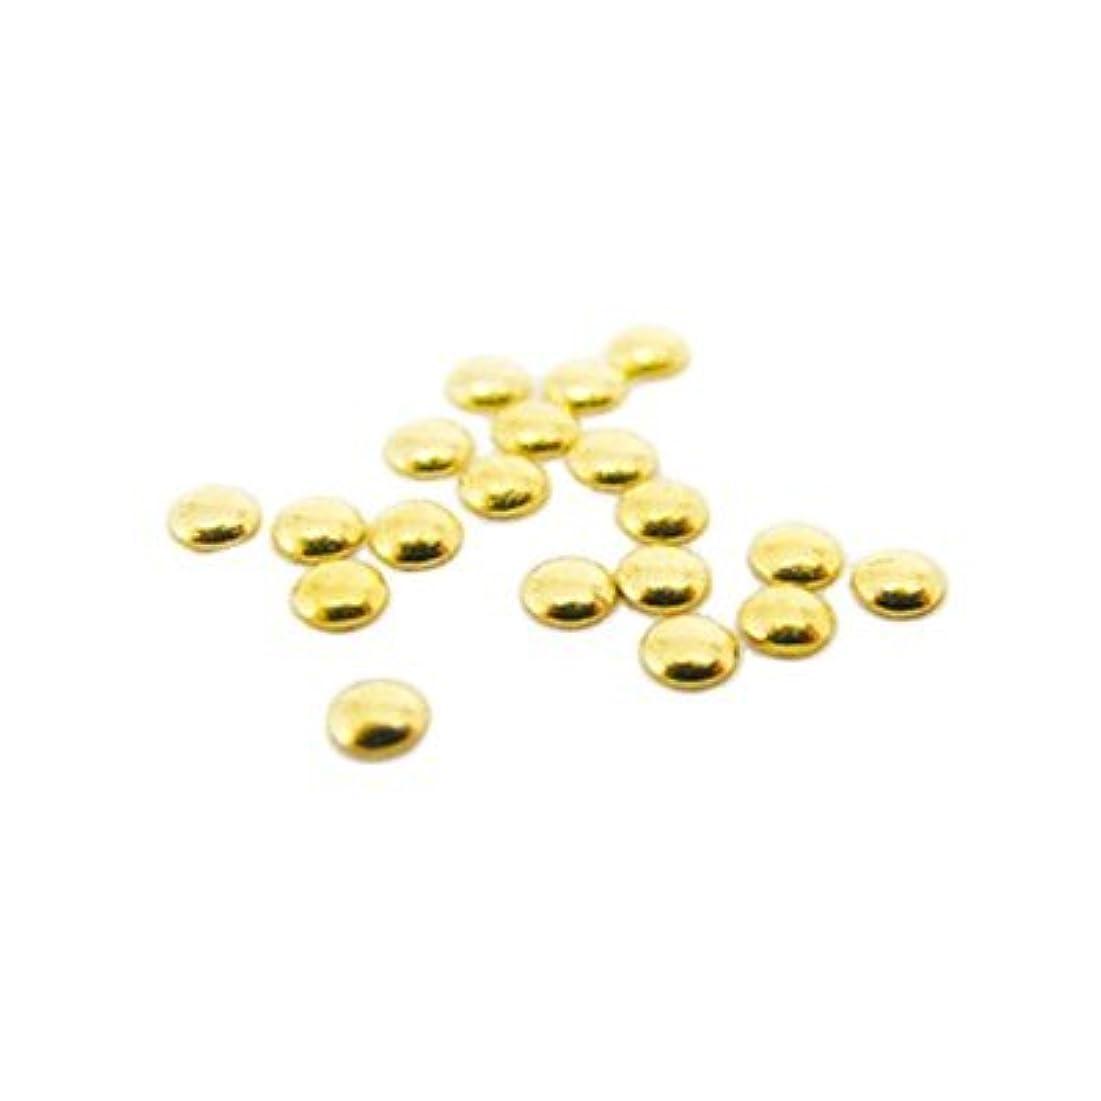 よろめく免除する頑固なピアドラ スタッズ 1.2mm 500P ゴールド